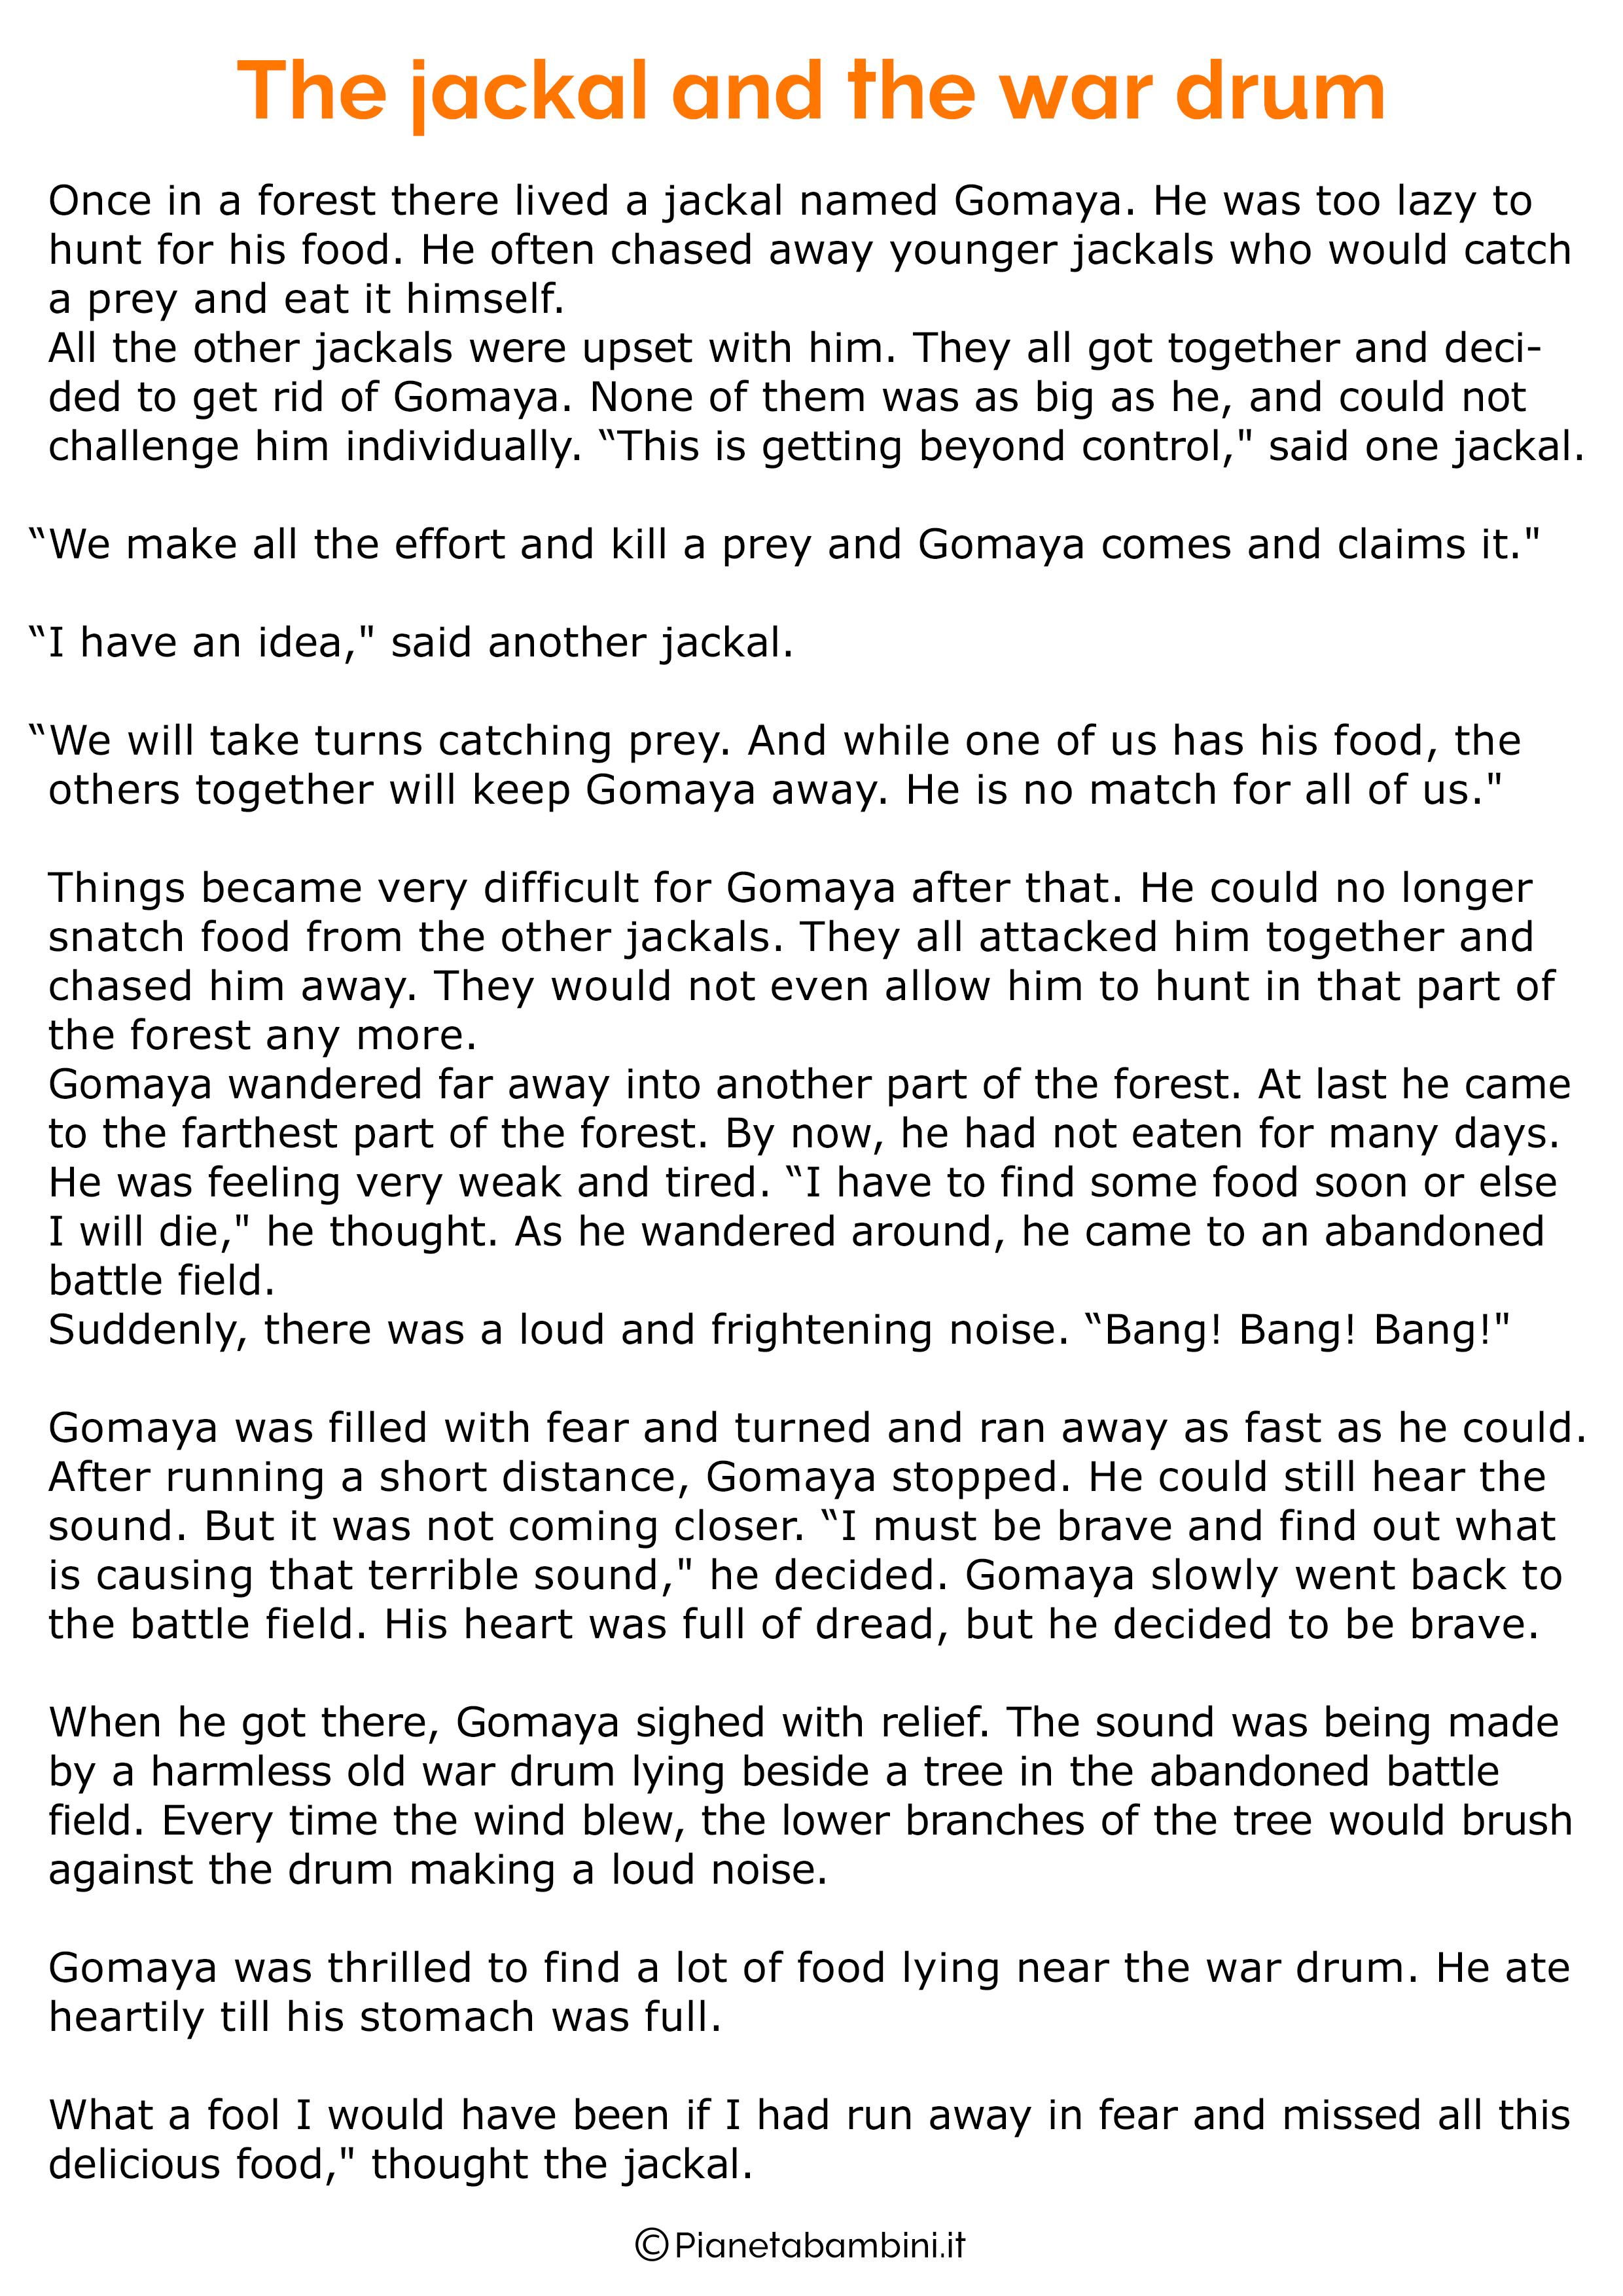 Racconto in inglese sugli animali 11